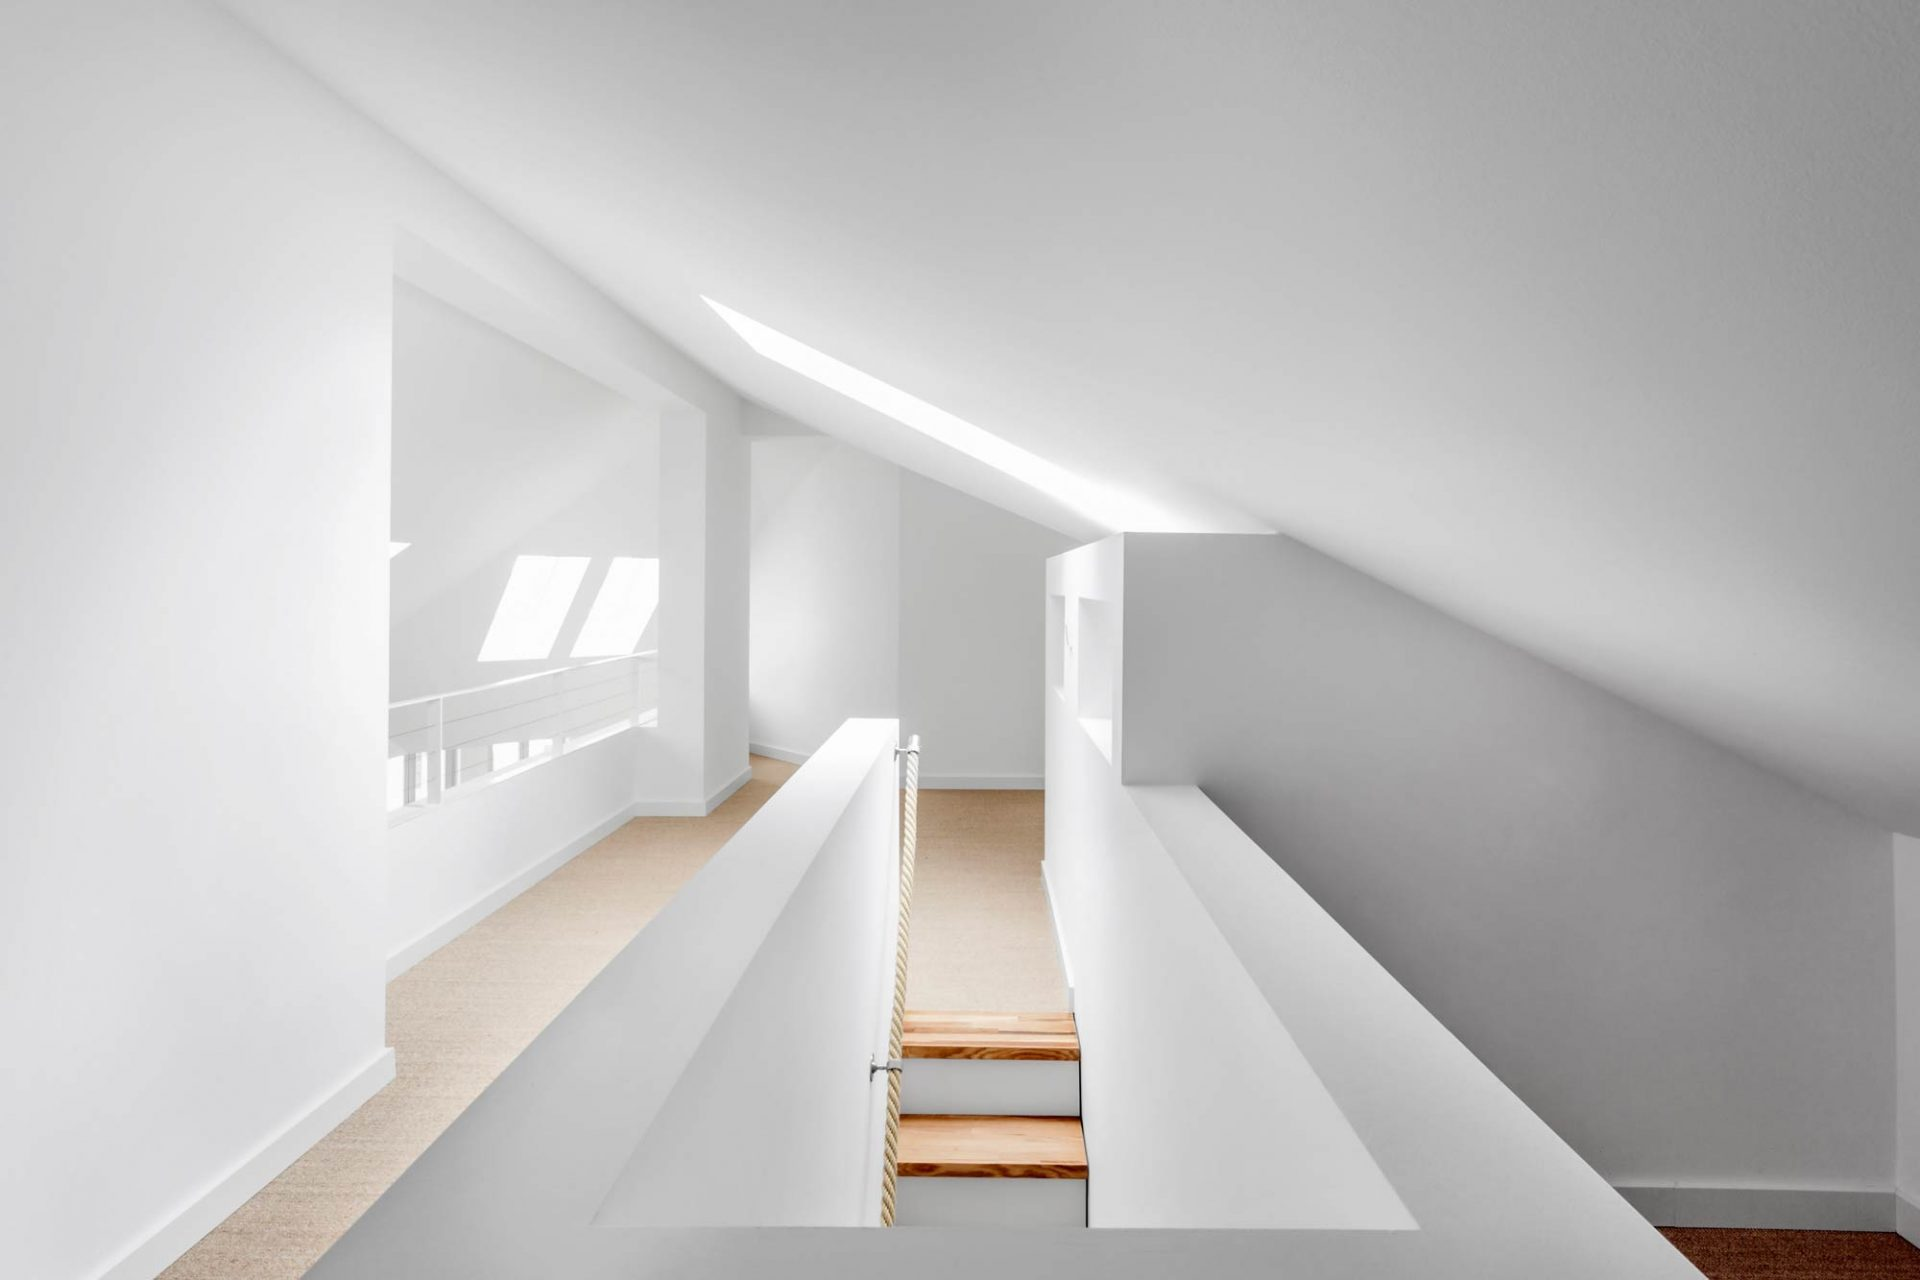 Loftwohnung Immobilienfotografie Besonderer Art